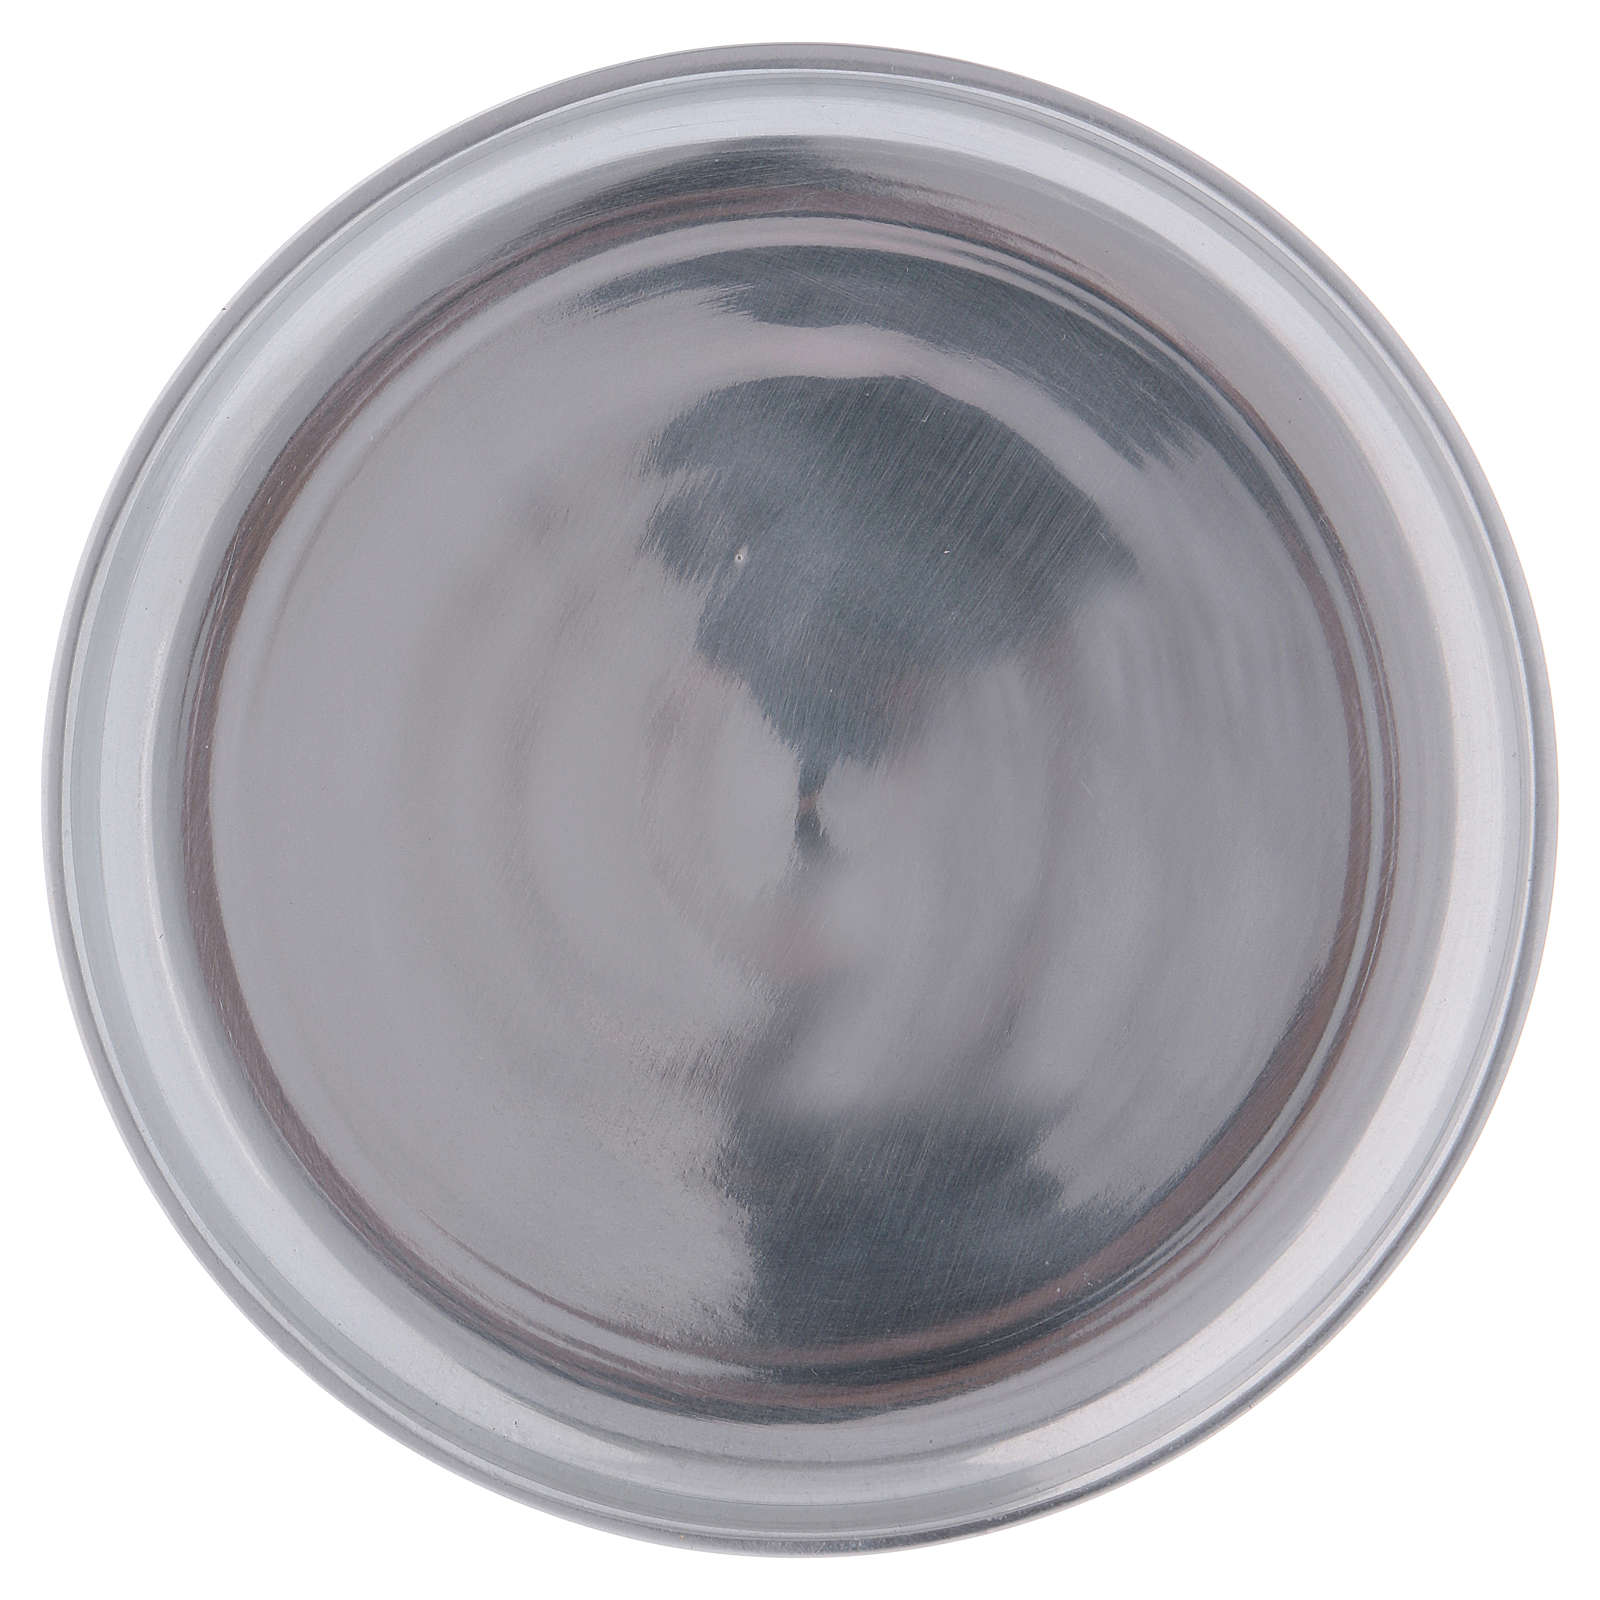 Piattino portacero semplice ottone argentato lucido 3